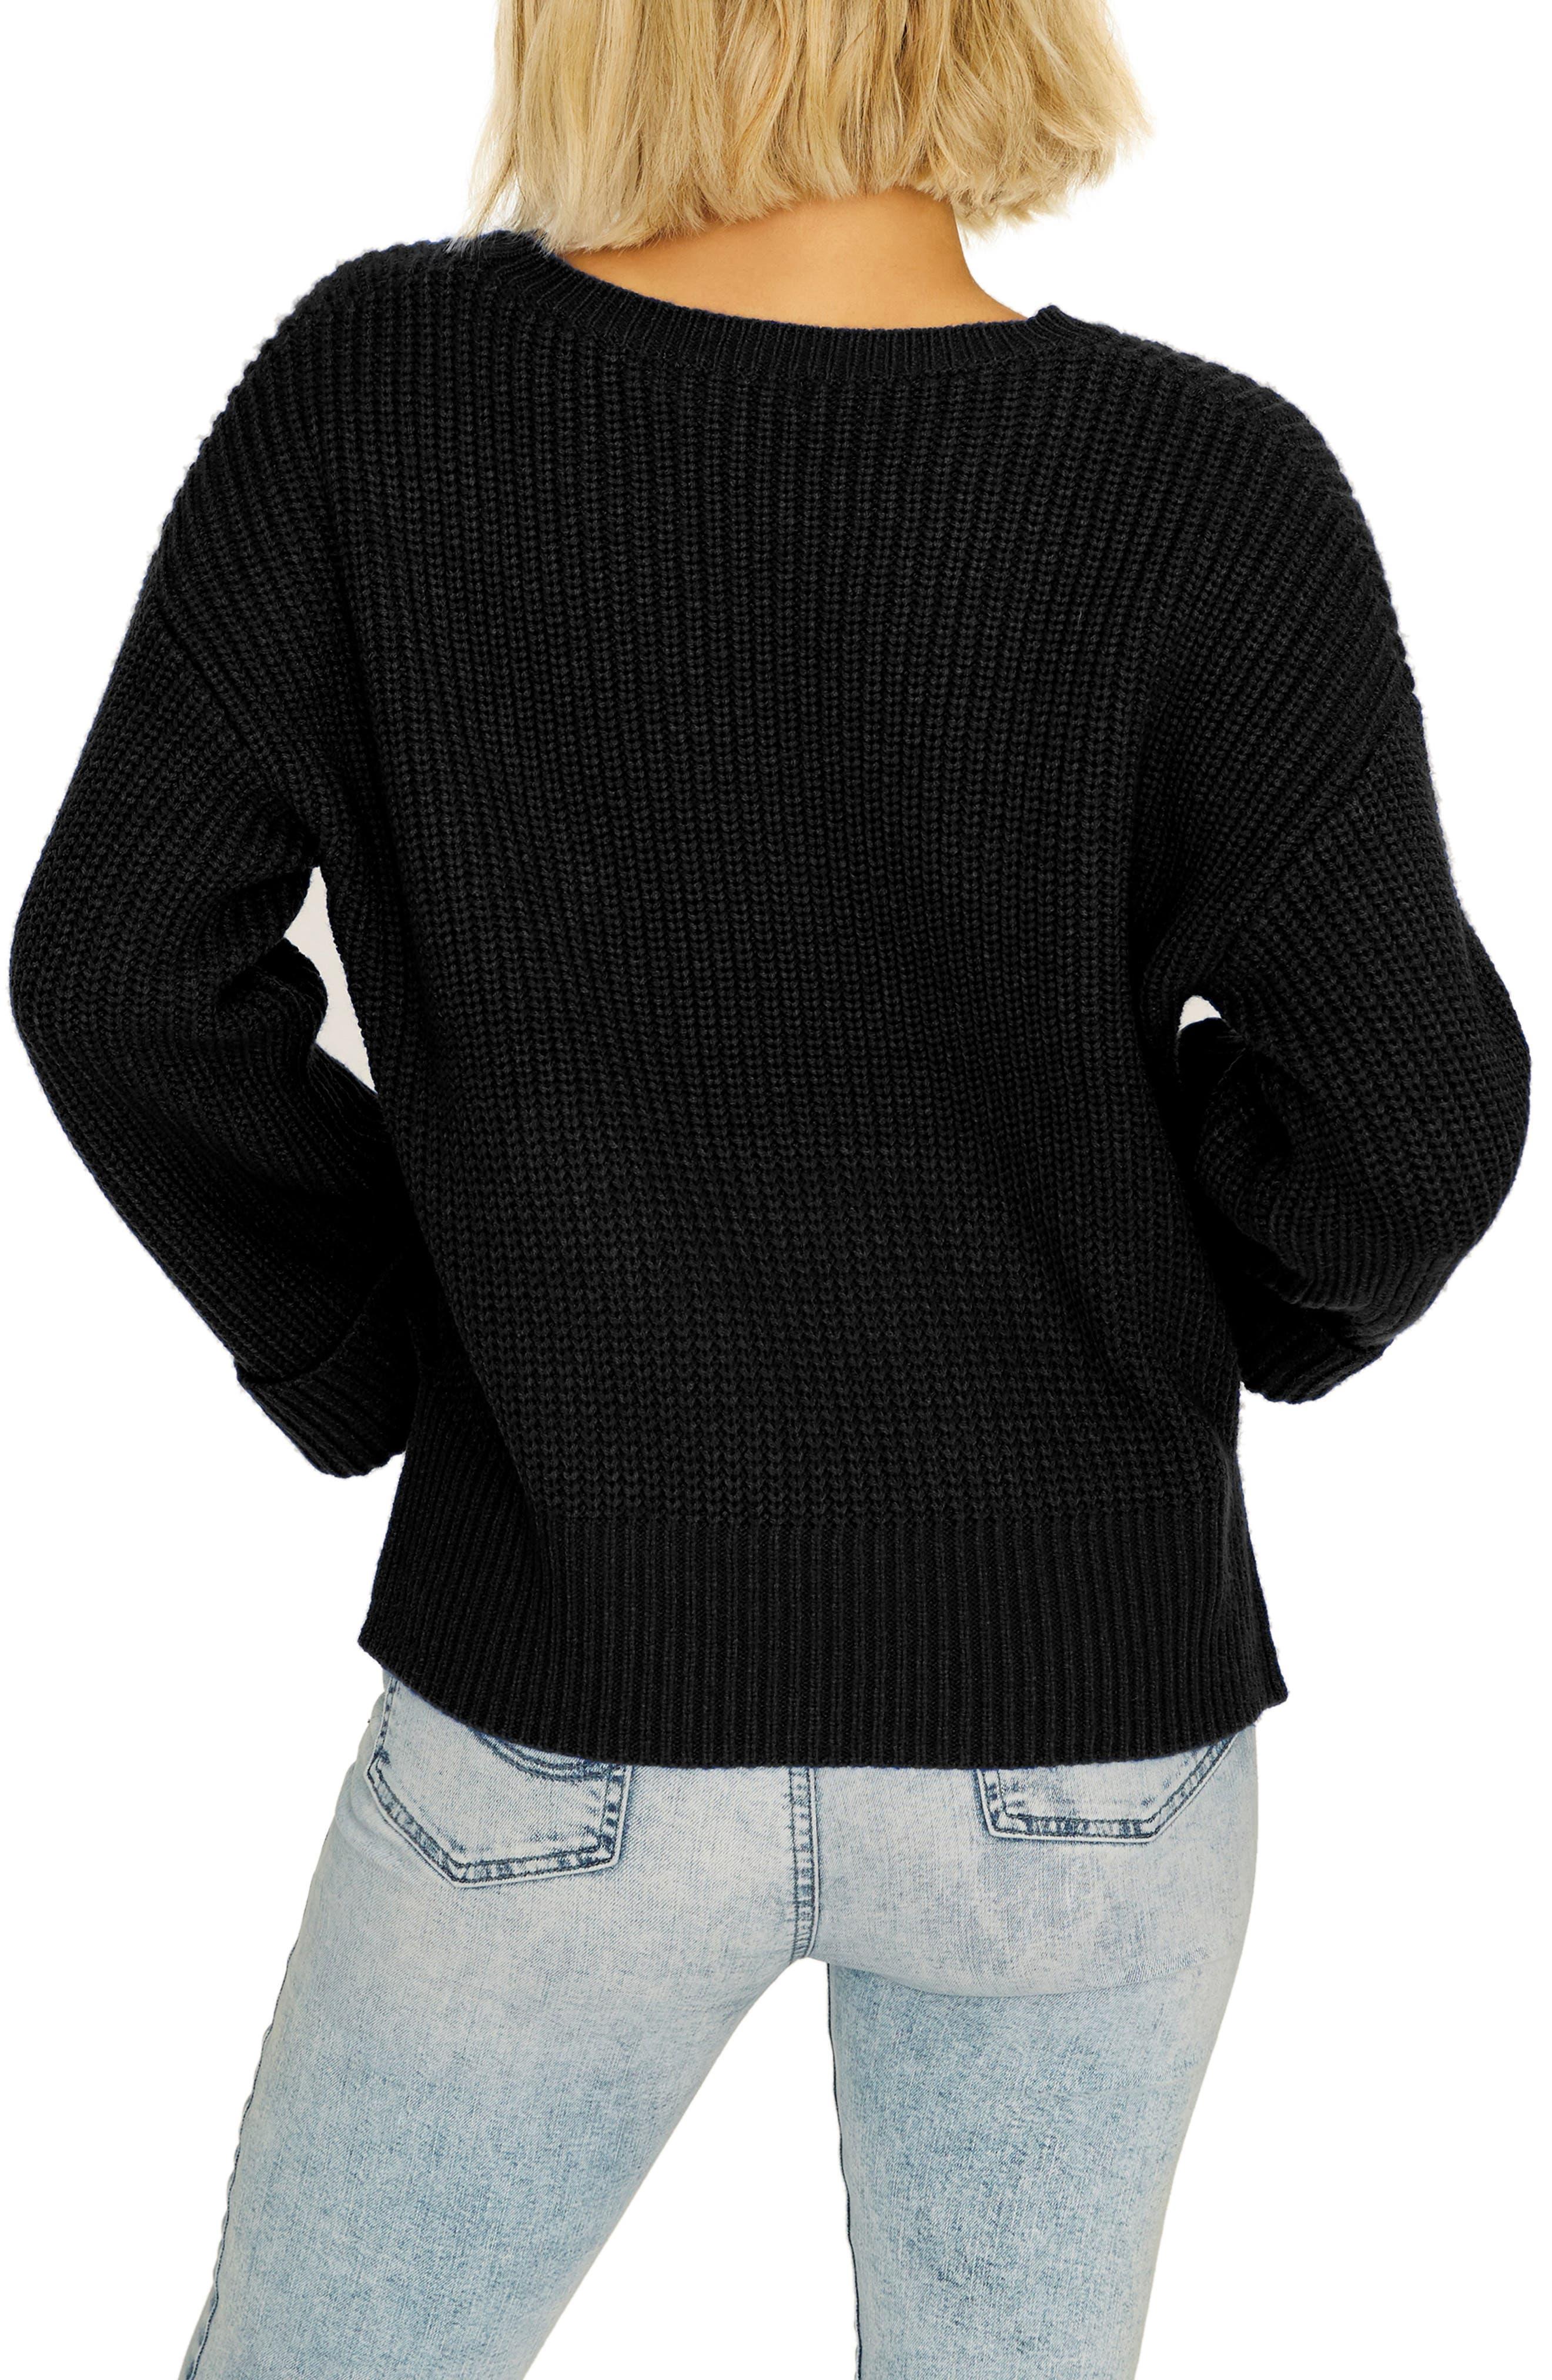 Bell Sleeve Shaker Sweater,                             Alternate thumbnail 2, color,                             BLACK